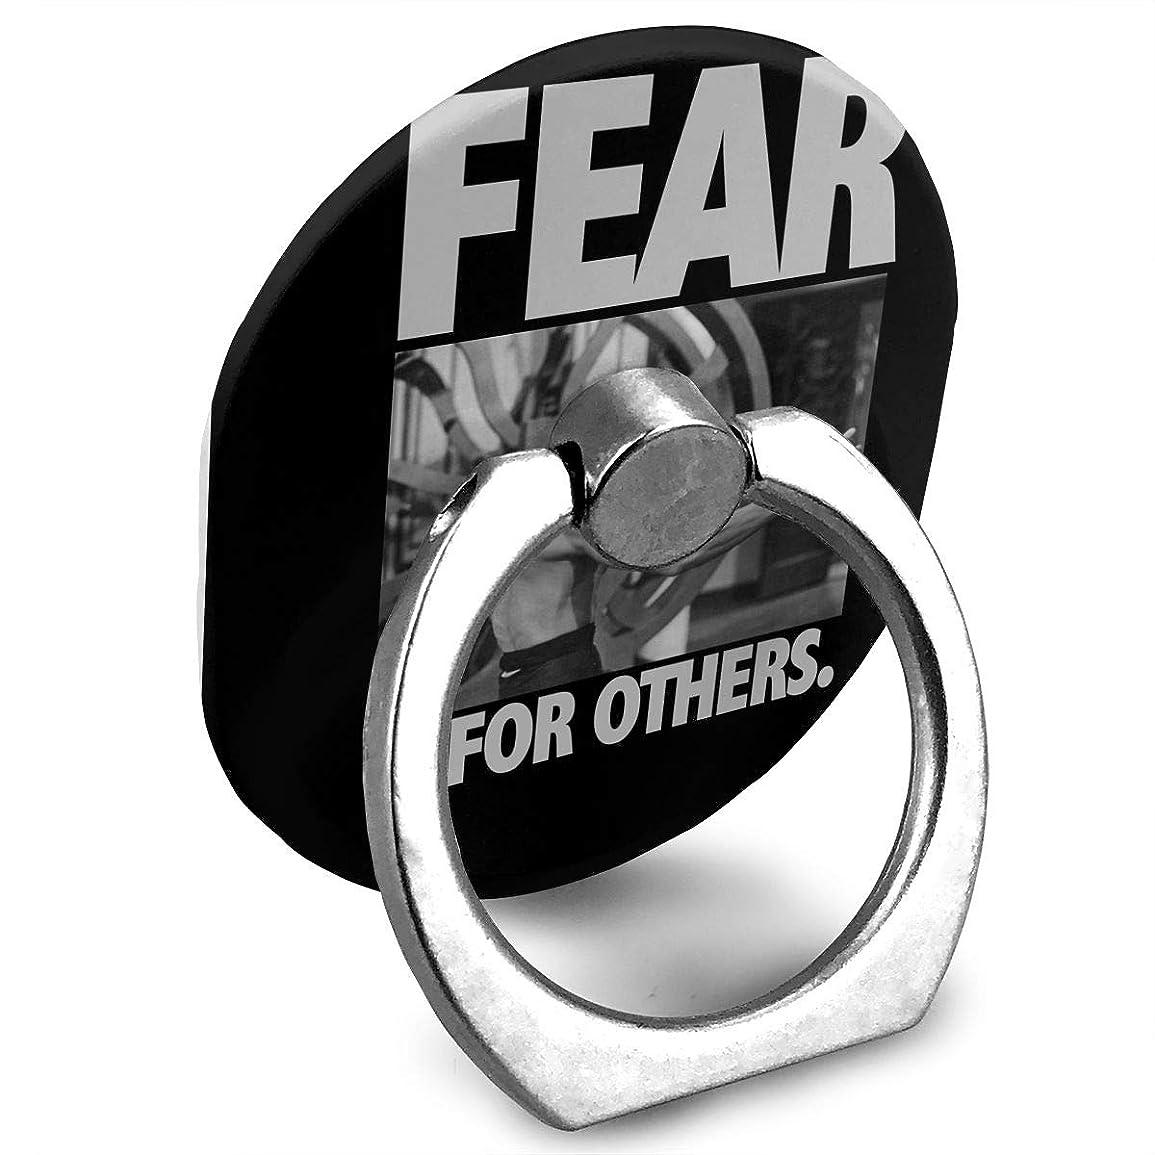 コンプリートむき出し死傷者FEAR IS FOR OTHERS Bruce Lee ブル-ス リ- プリント リングホルダー ホールドリング 楕円 スタンド機能 落下防止 360度回転 IPhone/Android各種他対応